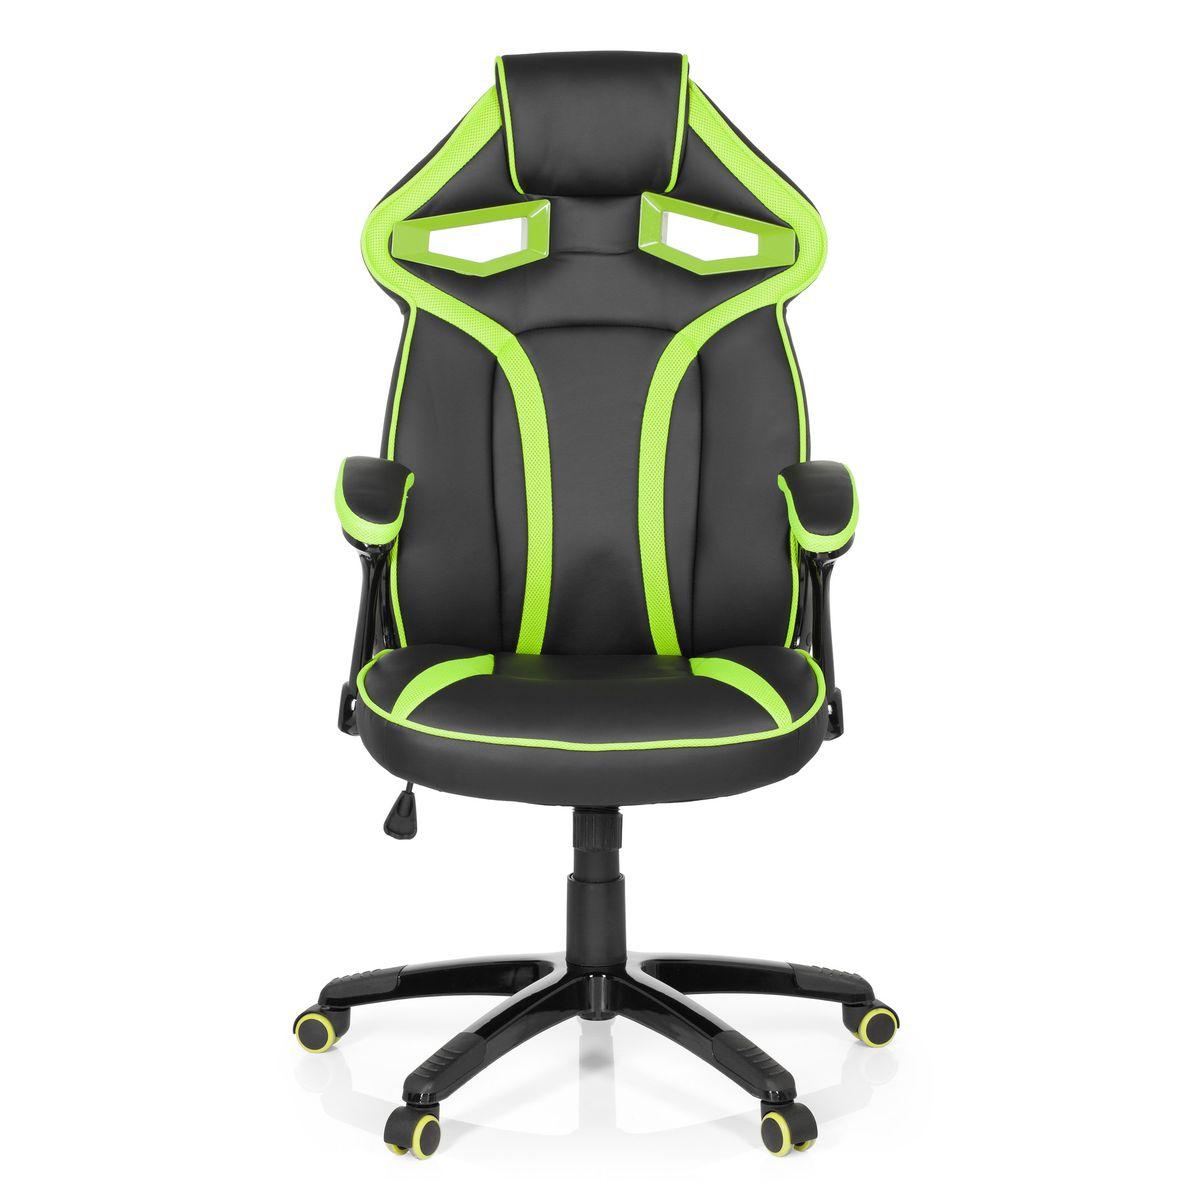 Chaise de bureau verte achat vente chaise de bureau verte pas cher cdis - Chaise bureau cdiscount ...